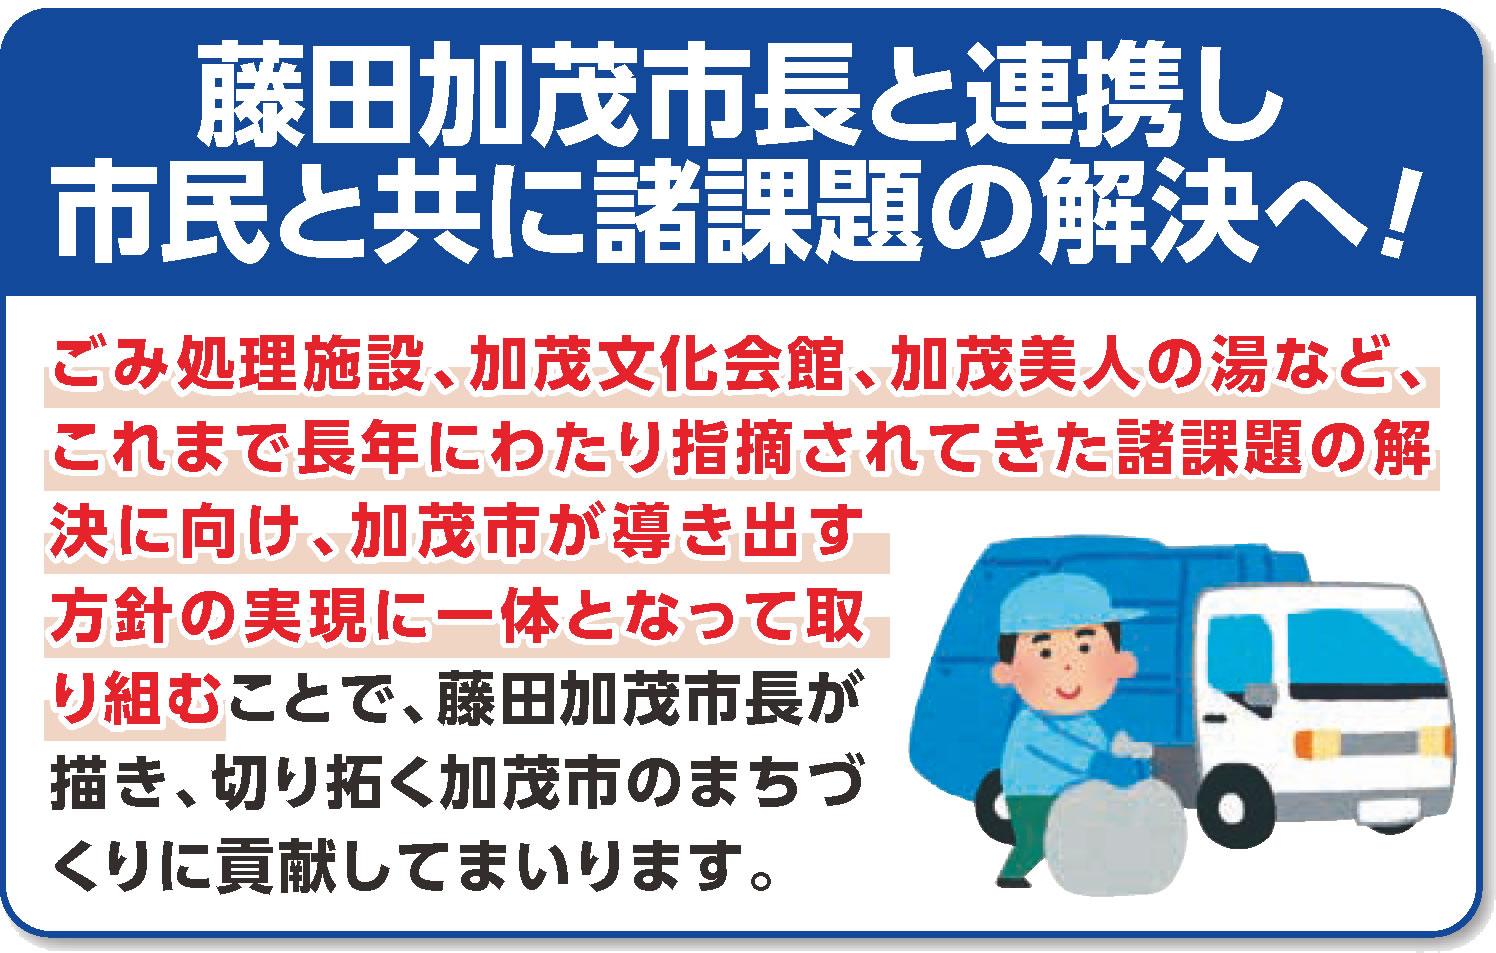 藤田加茂市長と連携し市民と共に諸課題の解決へ!